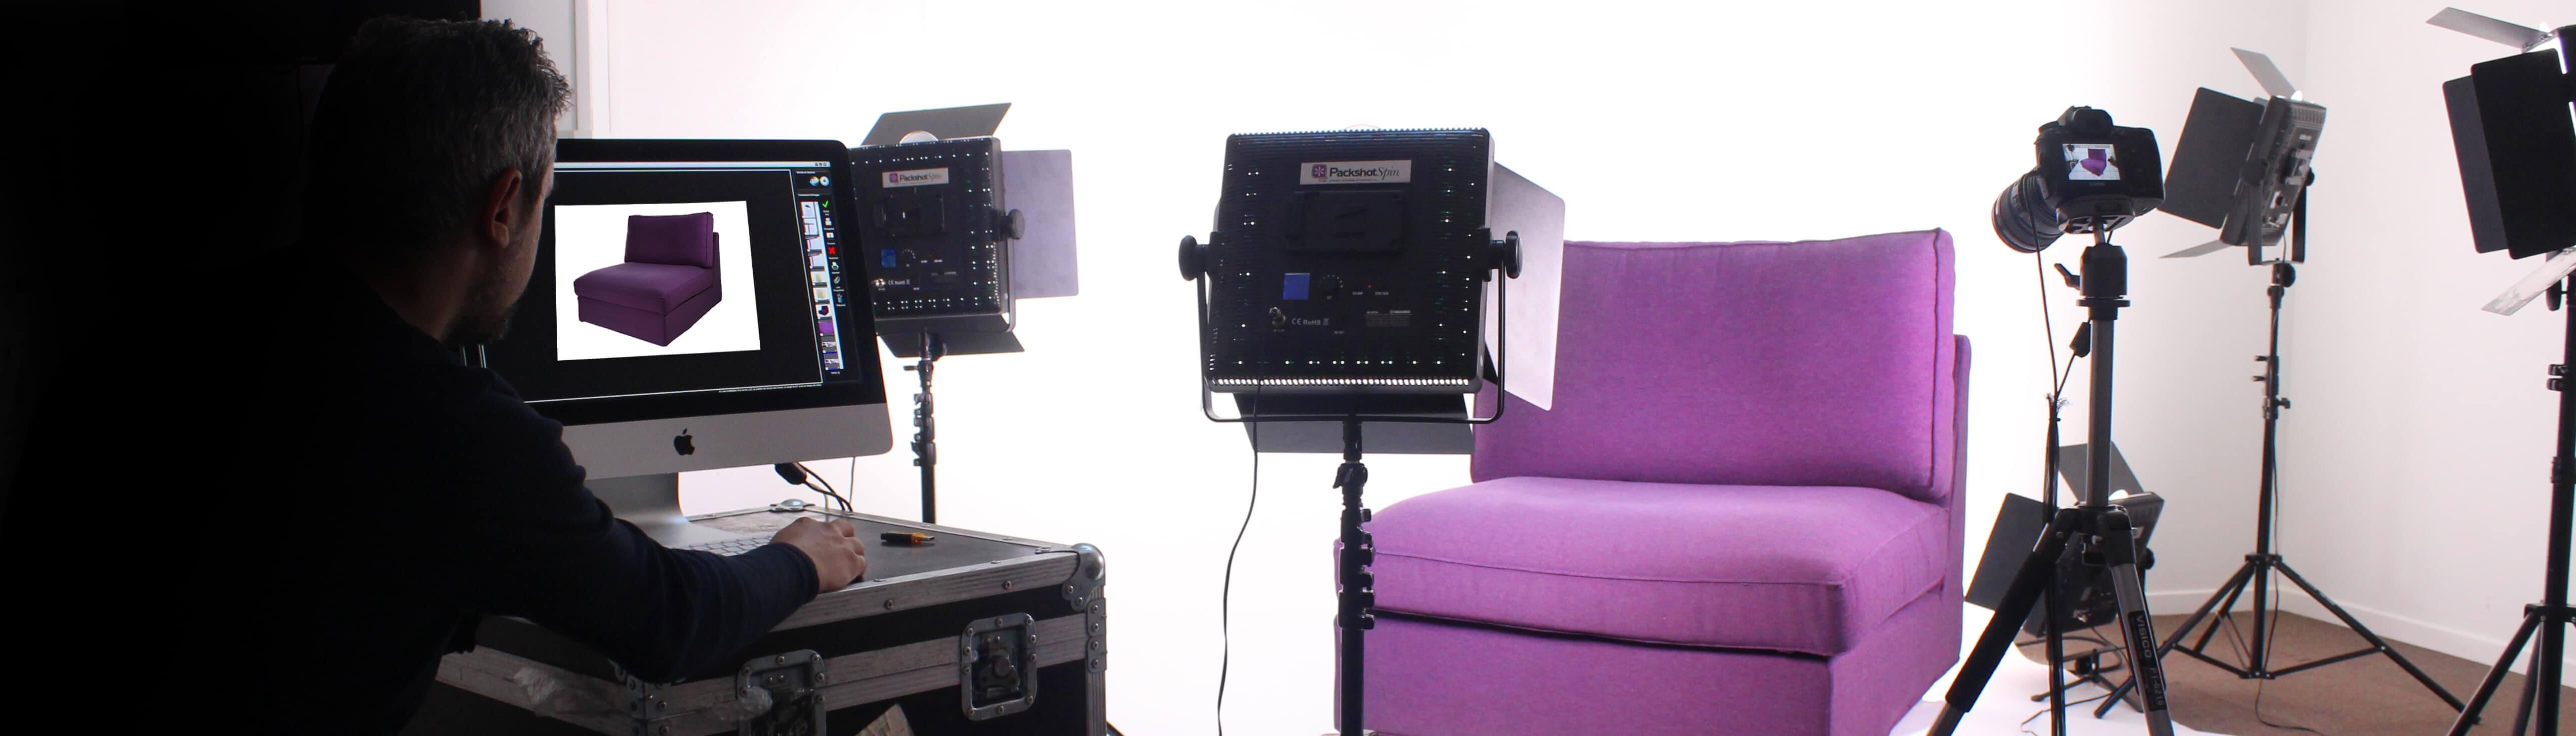 Bilder von Möbelstücken im PackshotCreator-Studio vor weißem Hintergrund